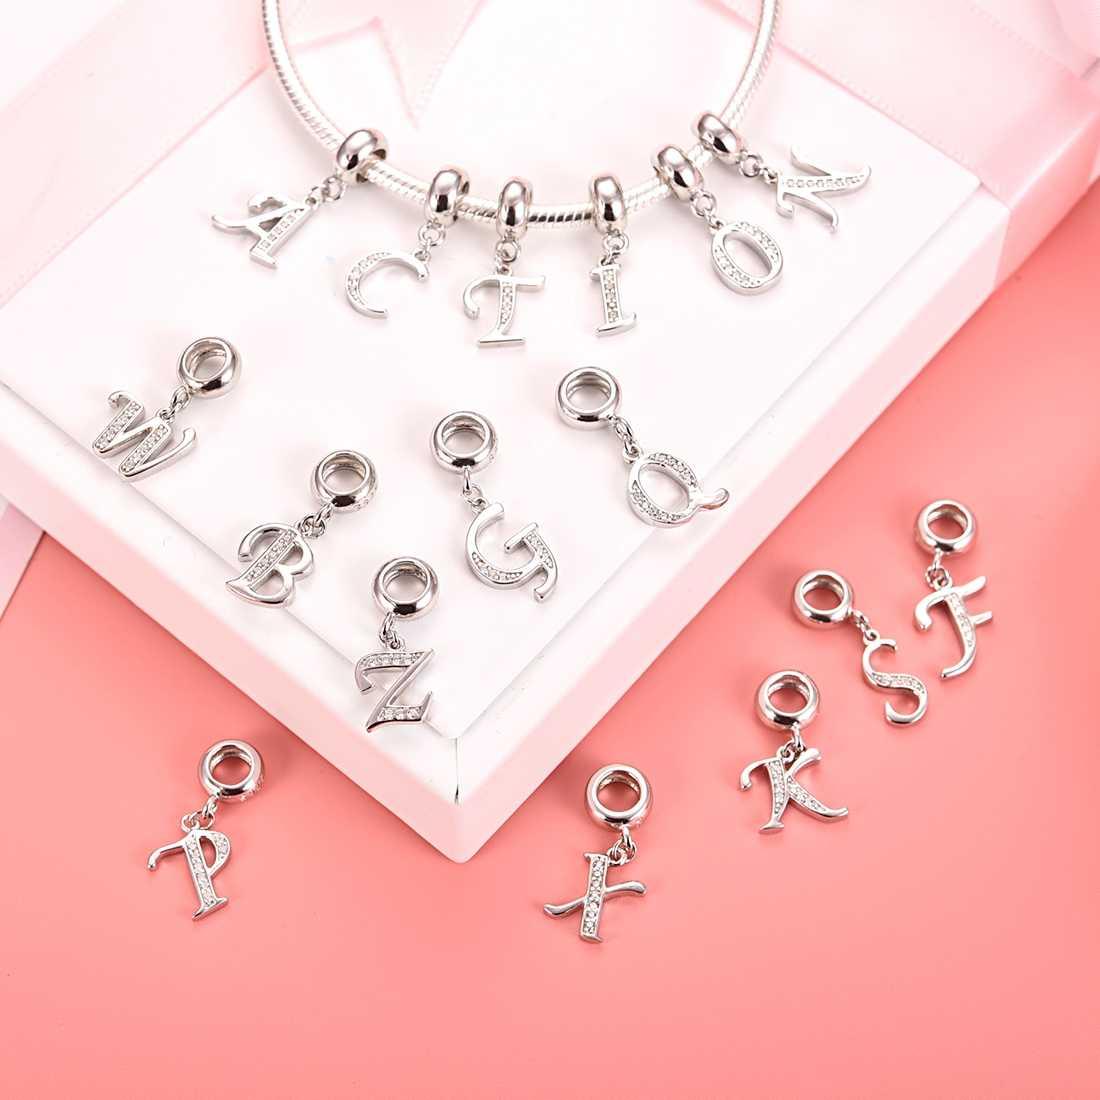 Jiayiqi A Tot Z Brief Charms 925 Sterling Zilver Cz Kralen Fit Vrouwen Pandora Bedels Zilver 925 Originele Diy Sieraden gift Maken